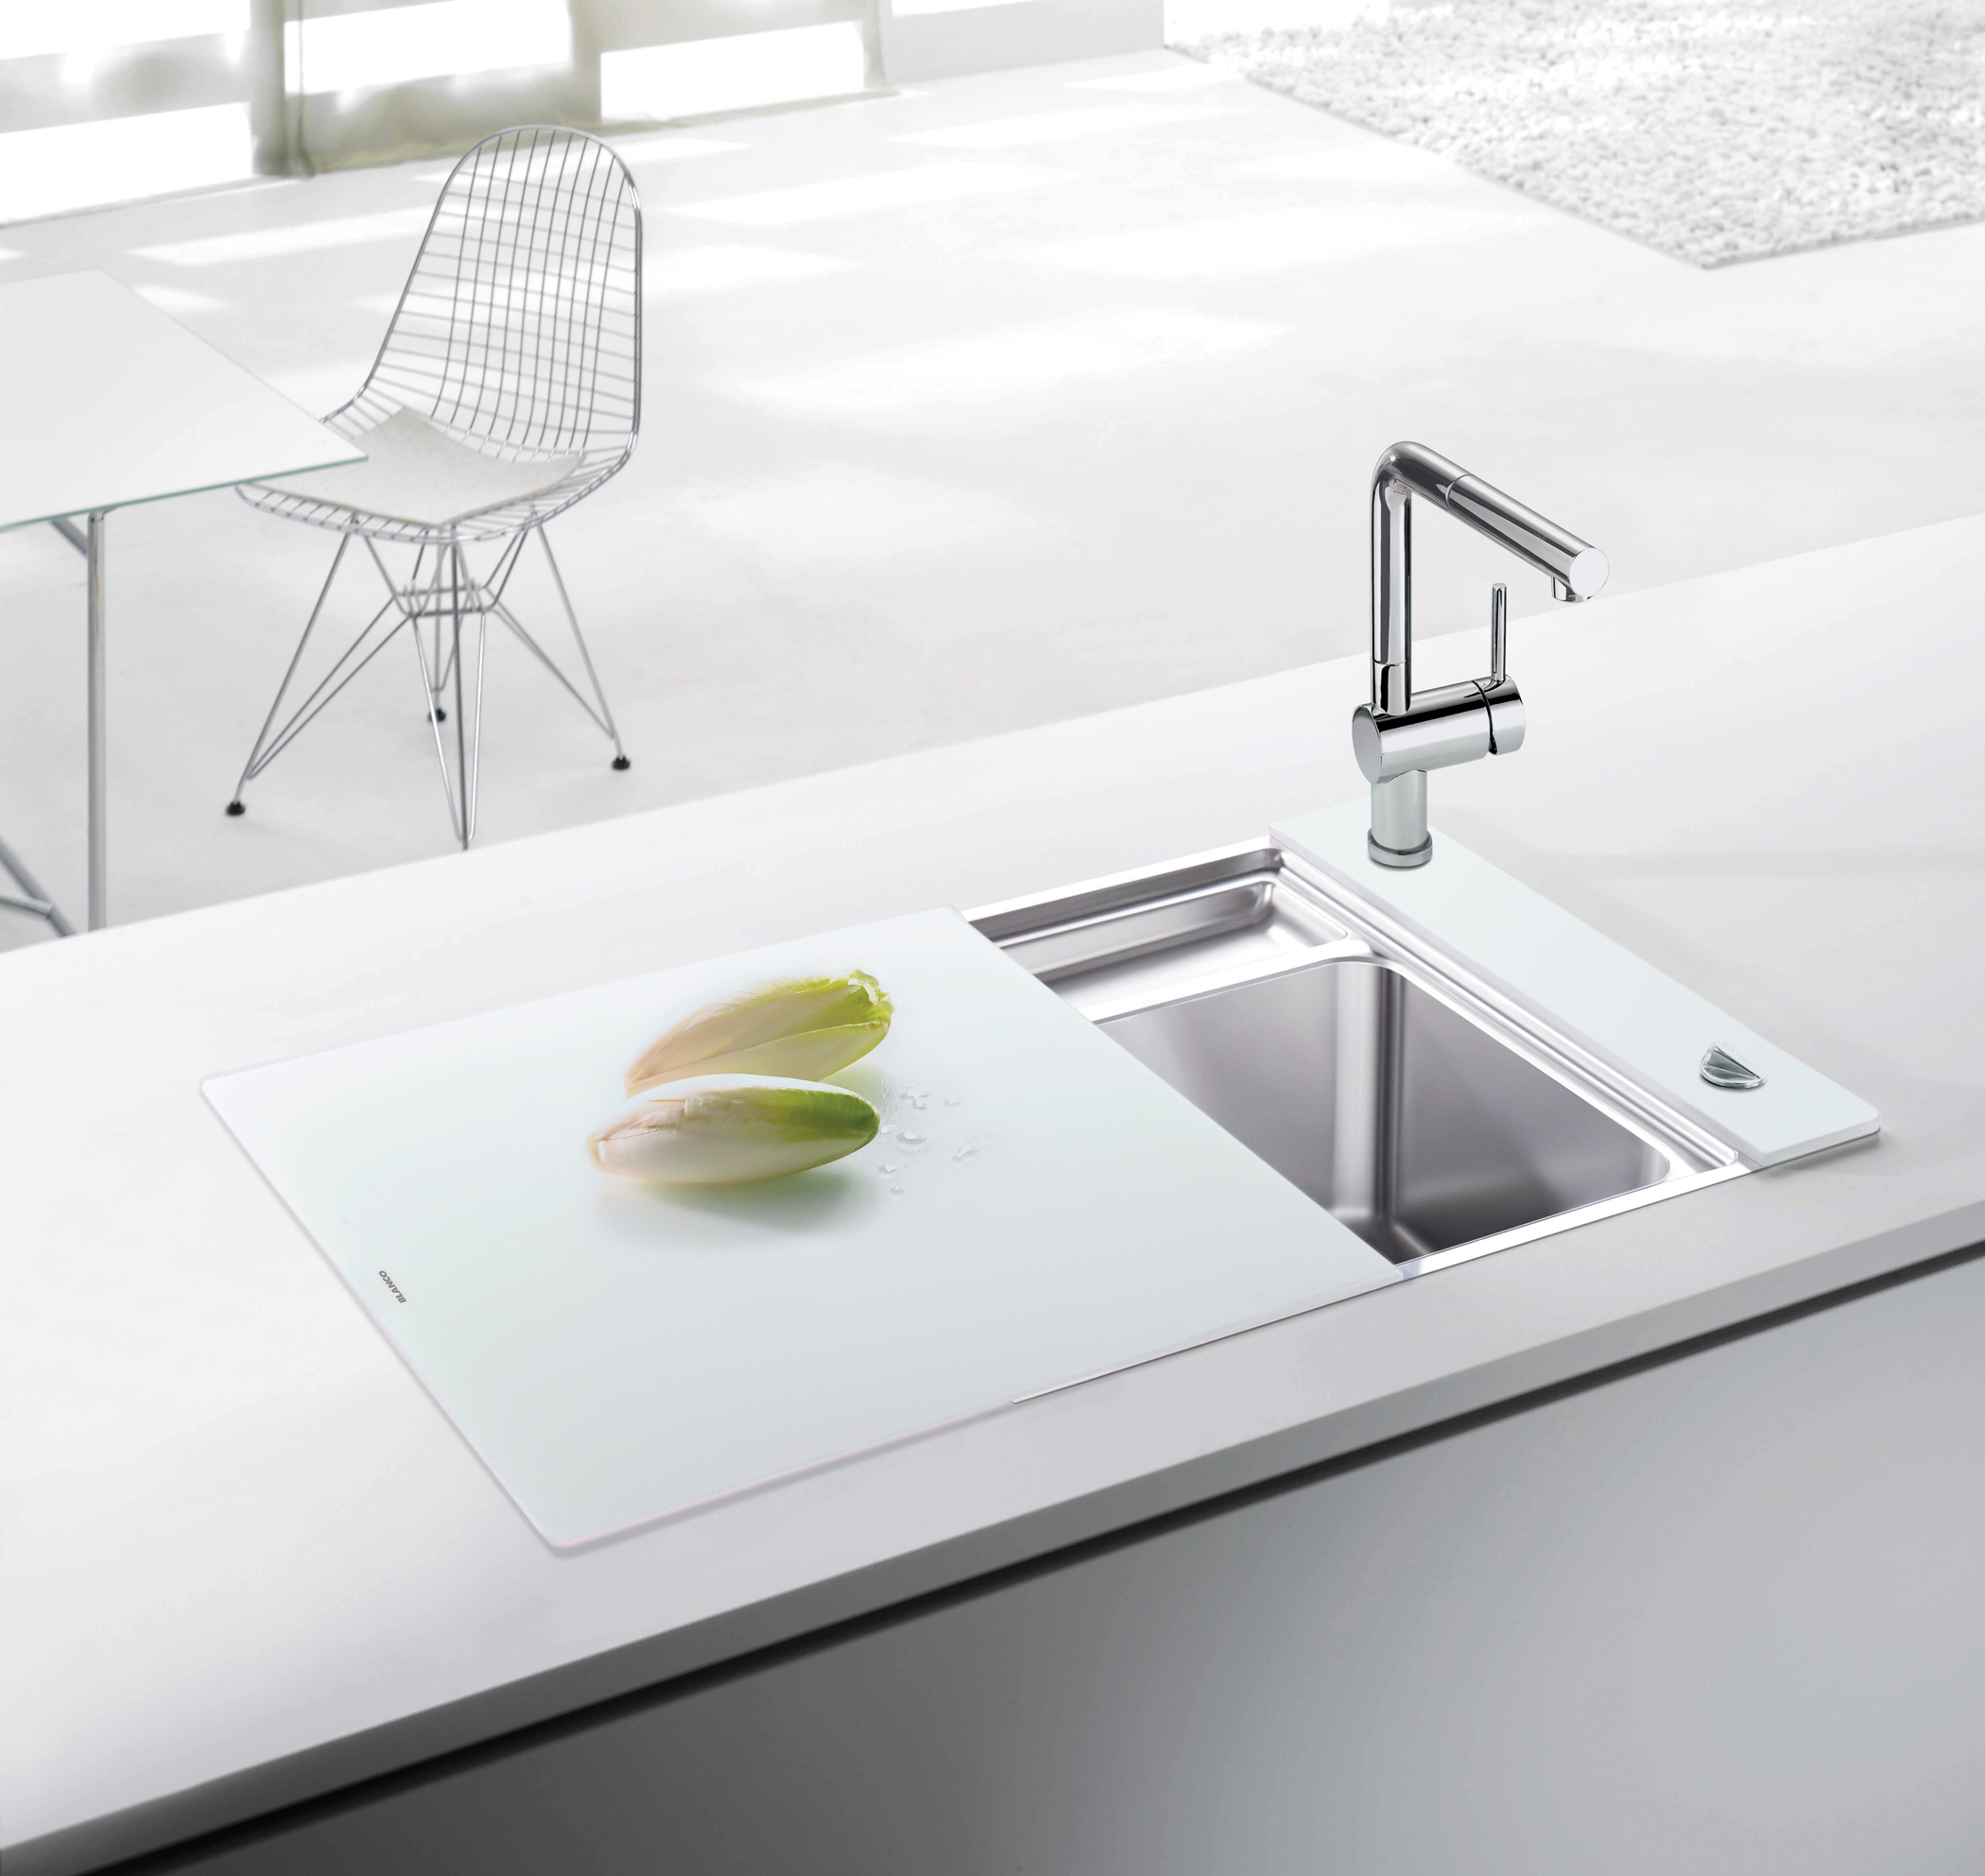 INTERIOR DESIGN Magazines Best Of Year Or BOY Awards - Designer sinks kitchens